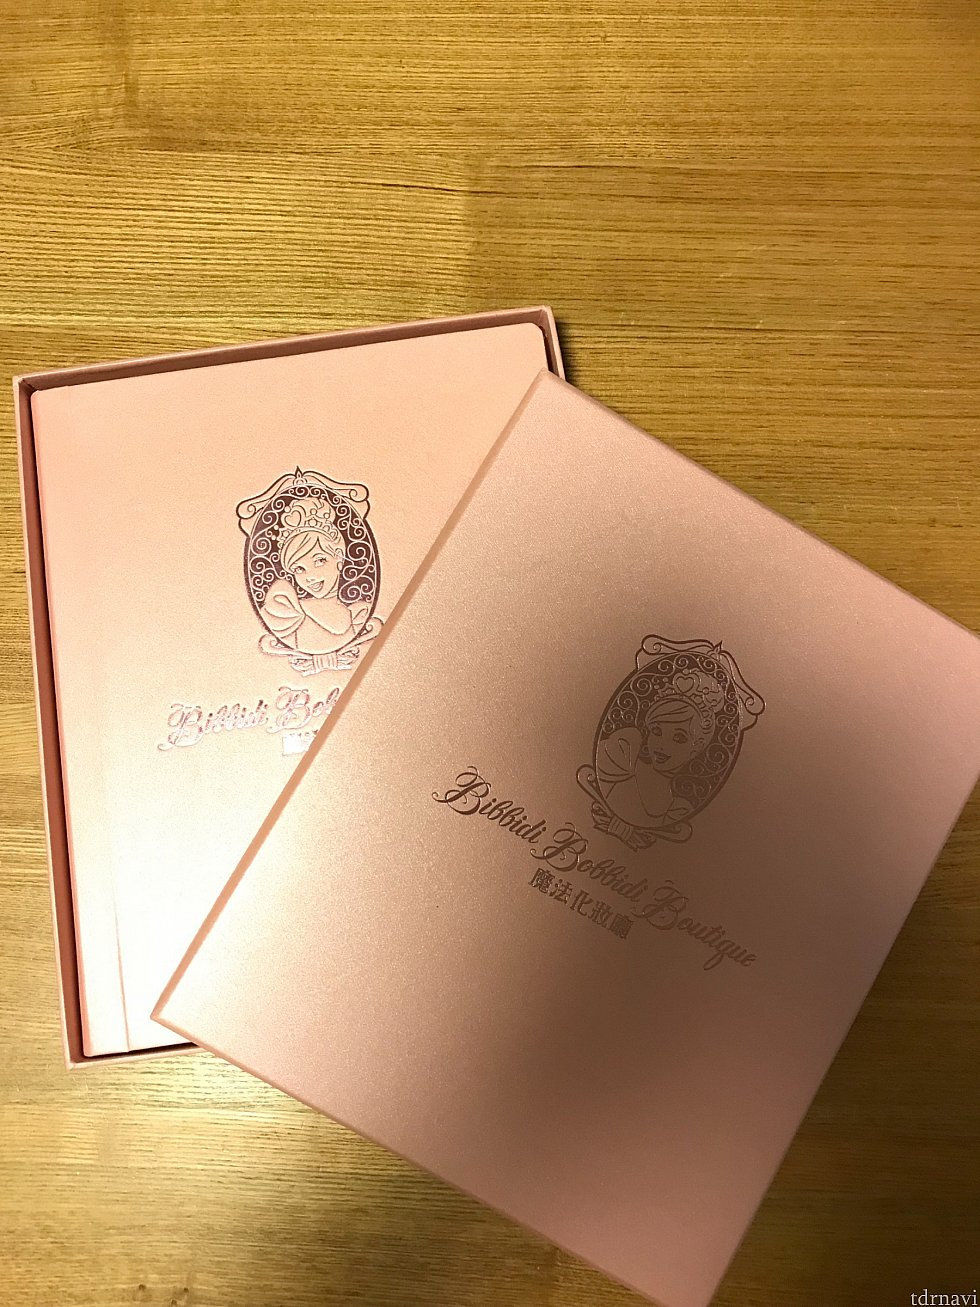 アルバムは立派な紙箱に入っています。